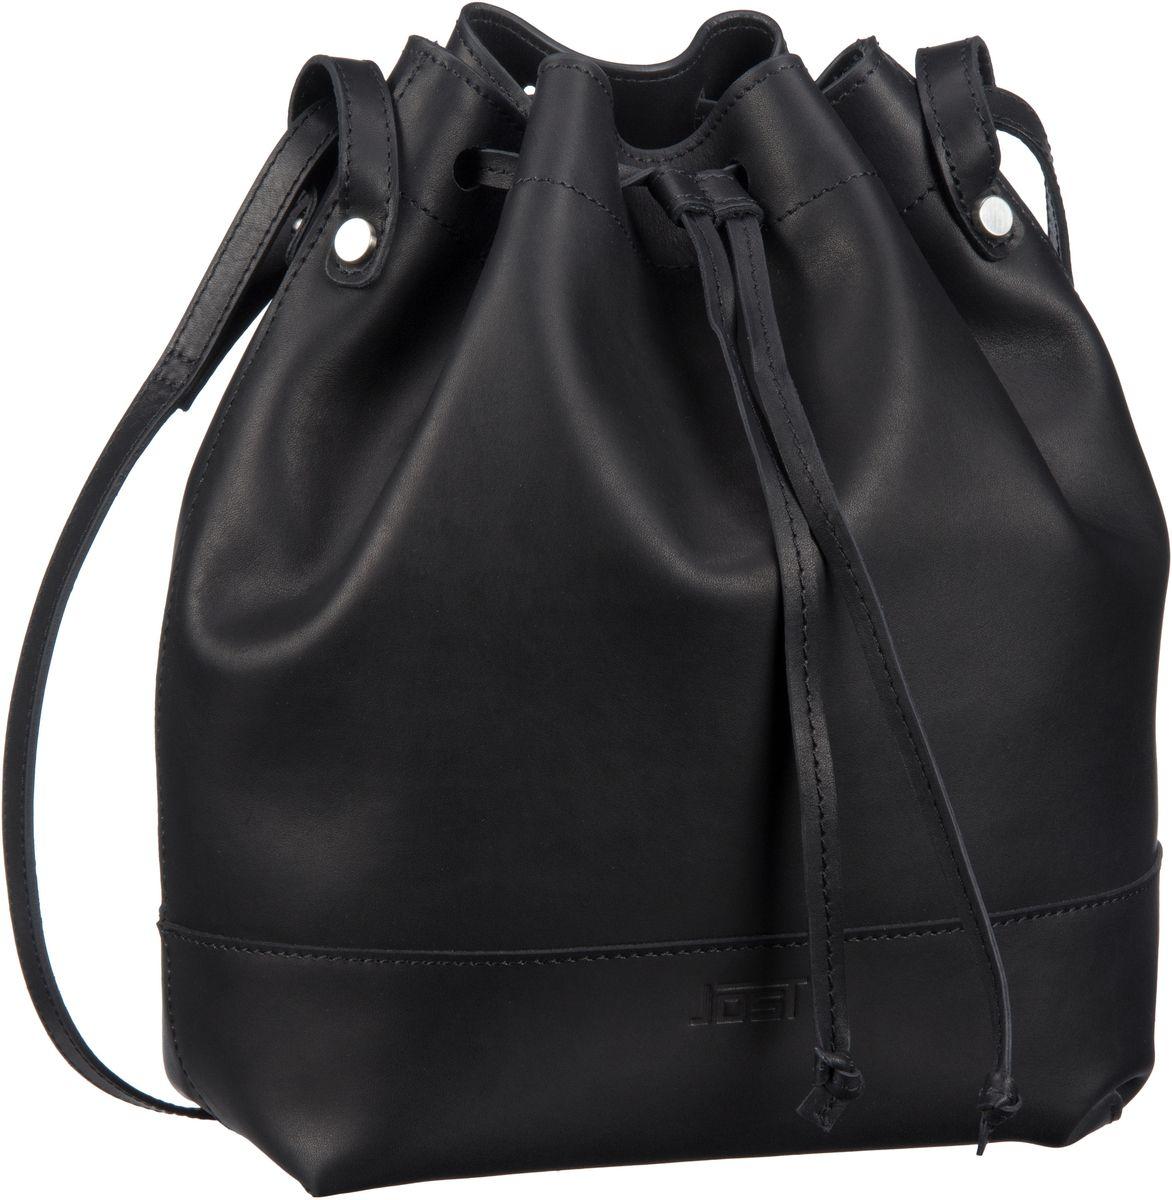 Handtasche Rana 1203 Zugbeutel Schwarz